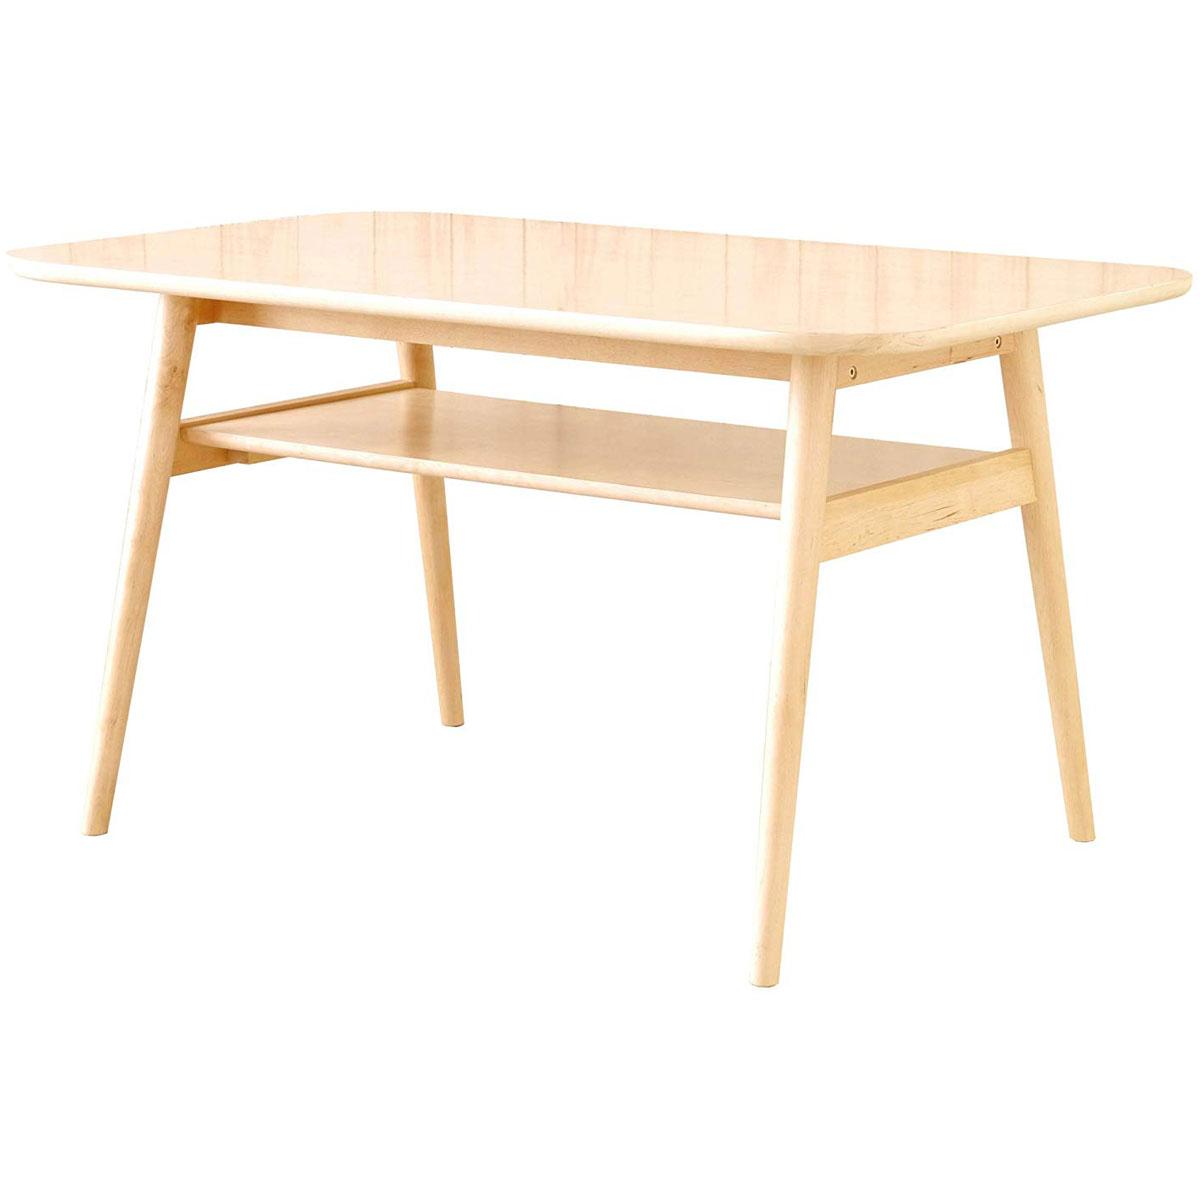 【送料無料】120 ダイニングテーブル 食卓机 食卓テーブル テーブルのみ 120cm 棚付き シンプル/北欧/ナチュラル/カントリー/フレンチ